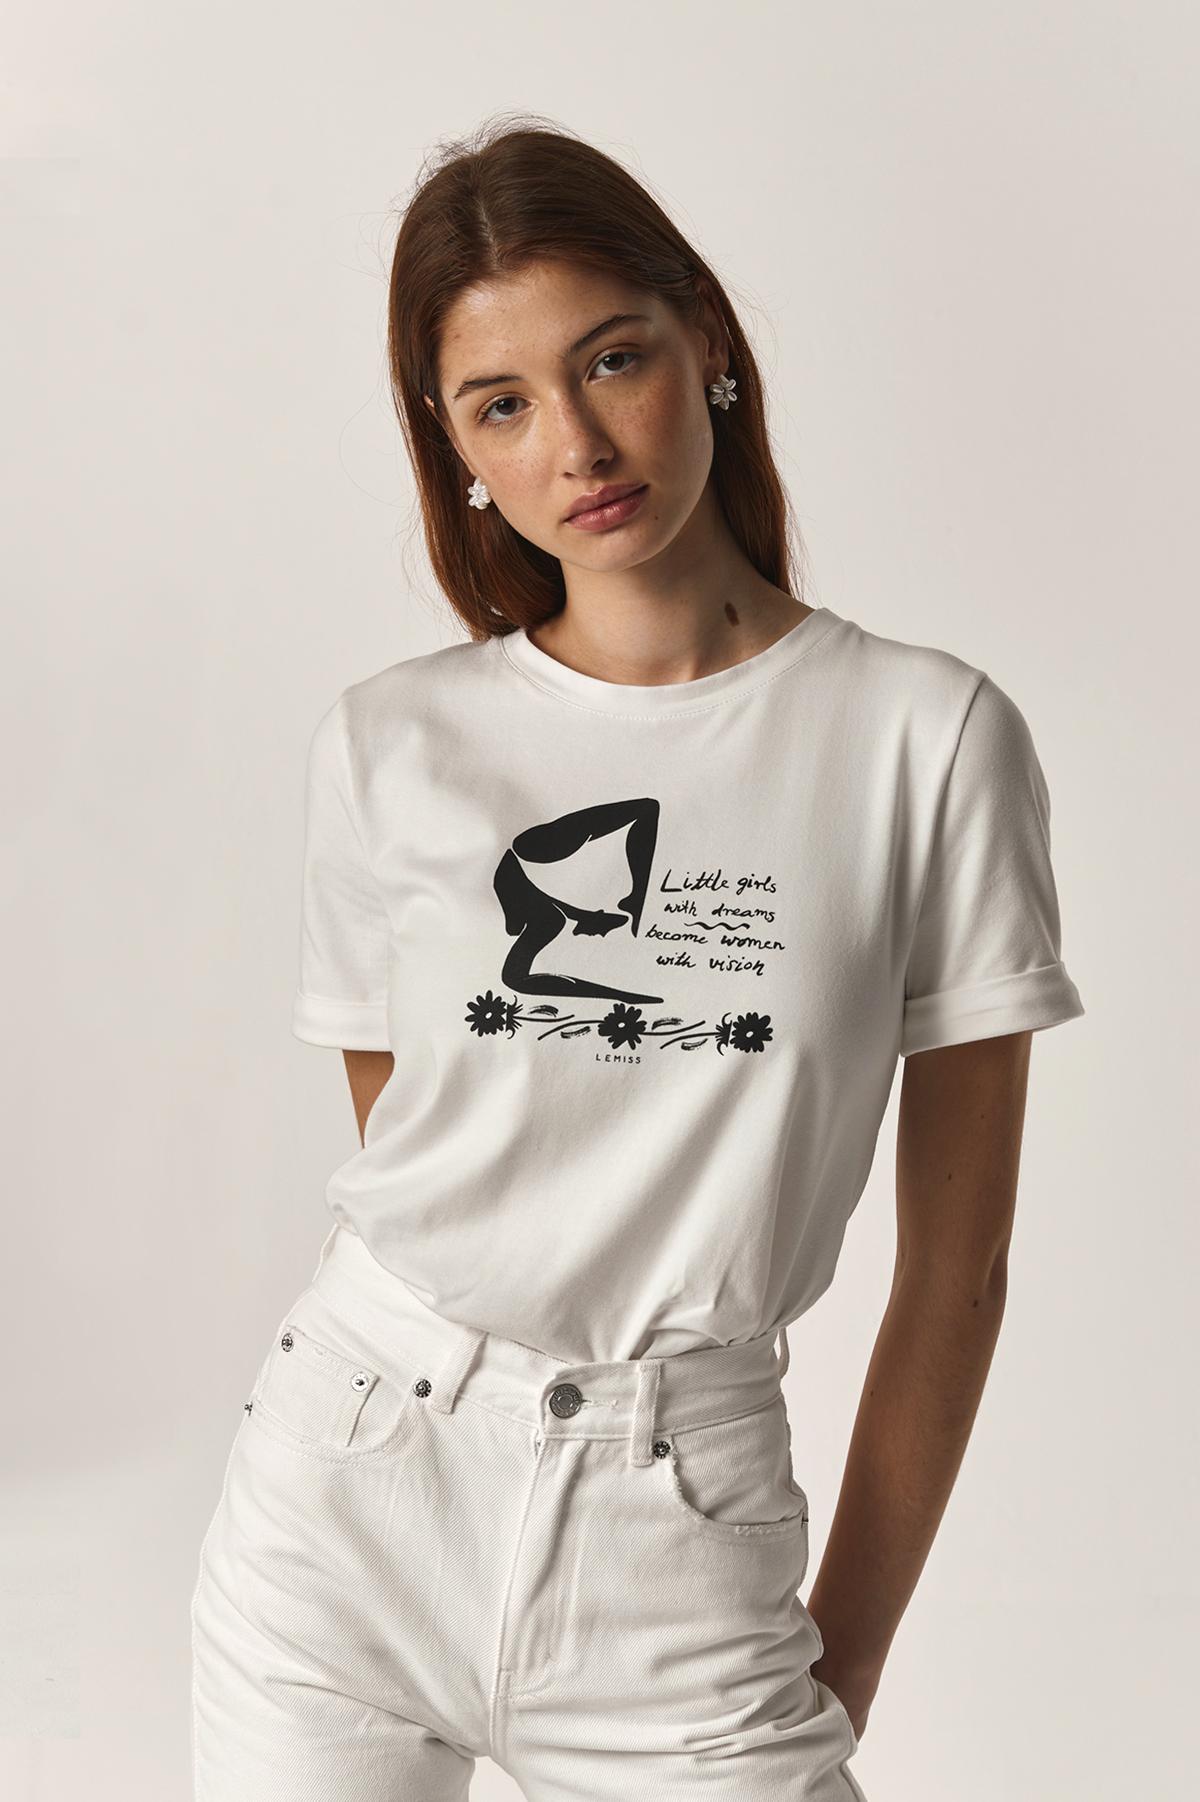 biała koszulka damska z czarnym nadrukiem